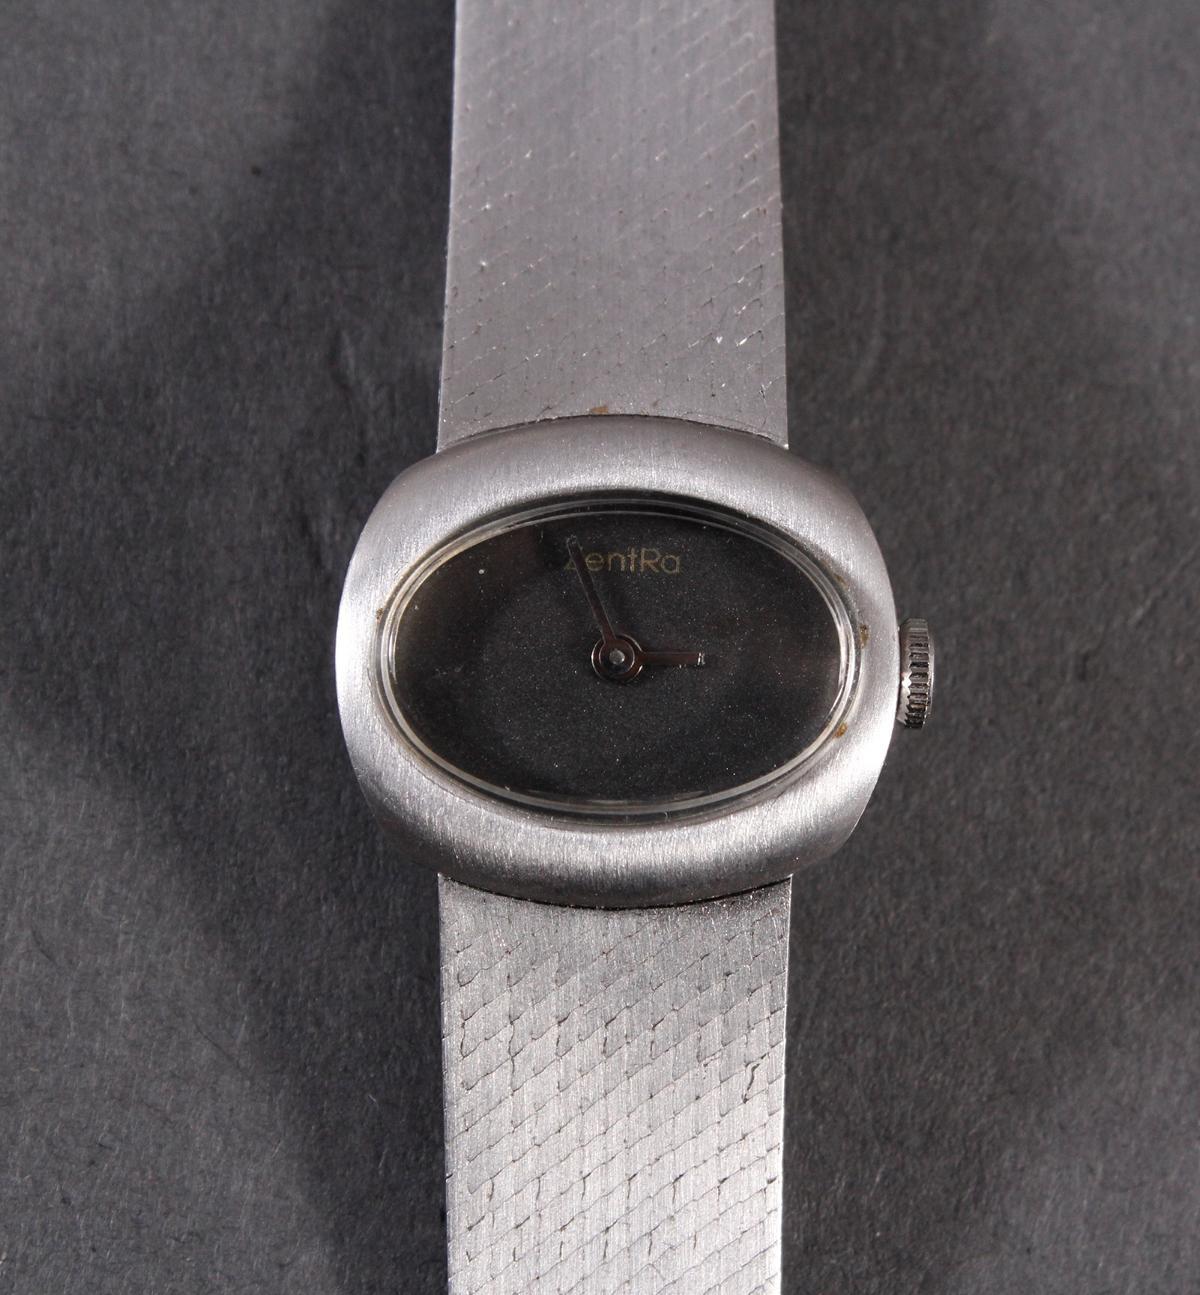 Zentra Damenarmbanduhr aus 14 kt Weißgold-2